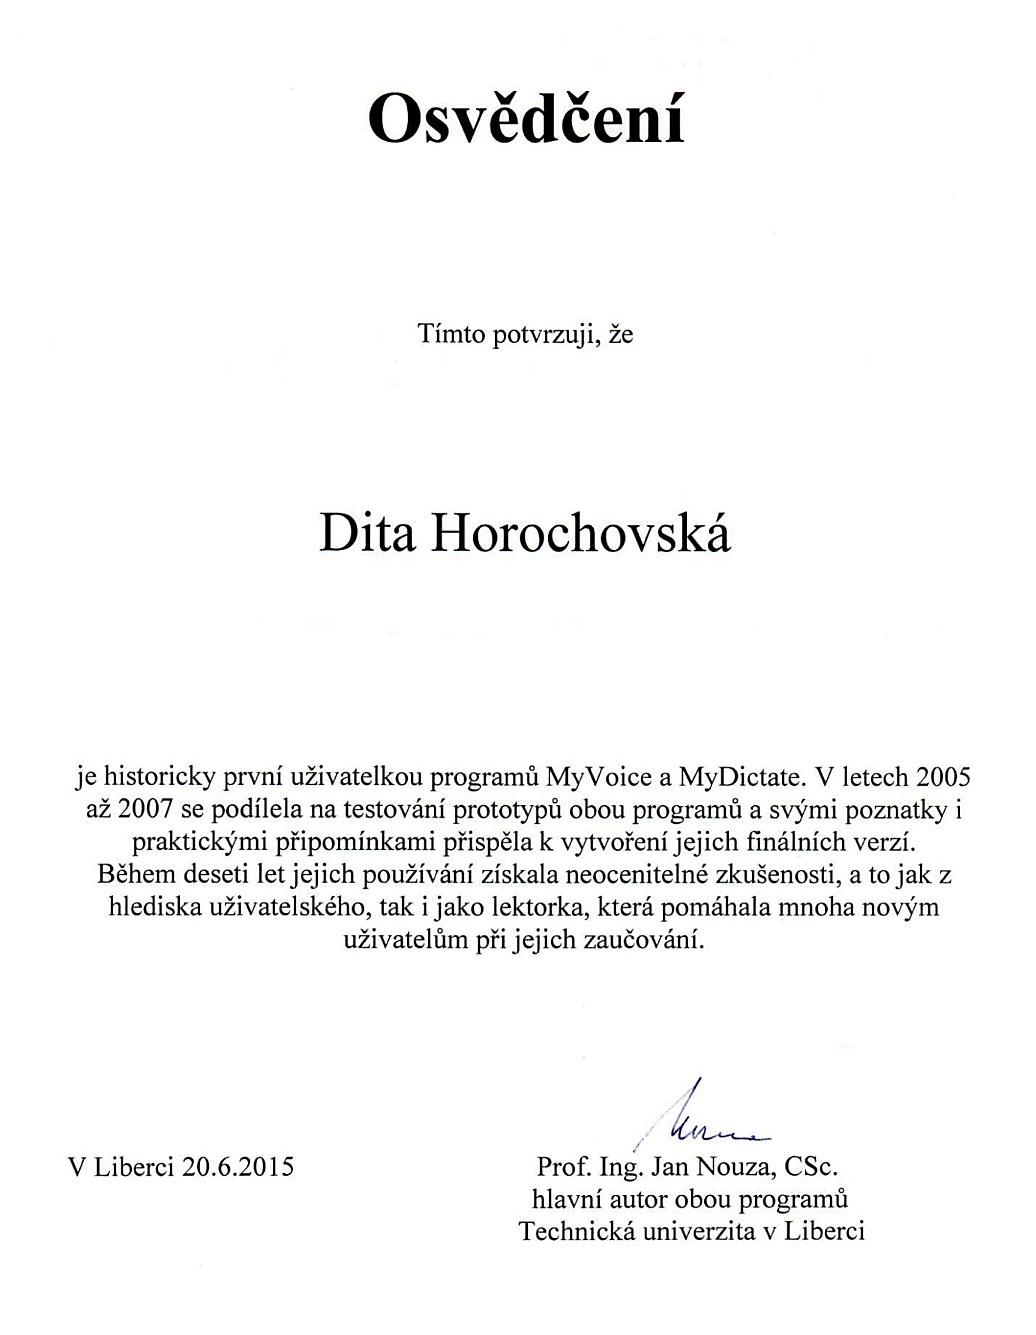 nouza-certifikat